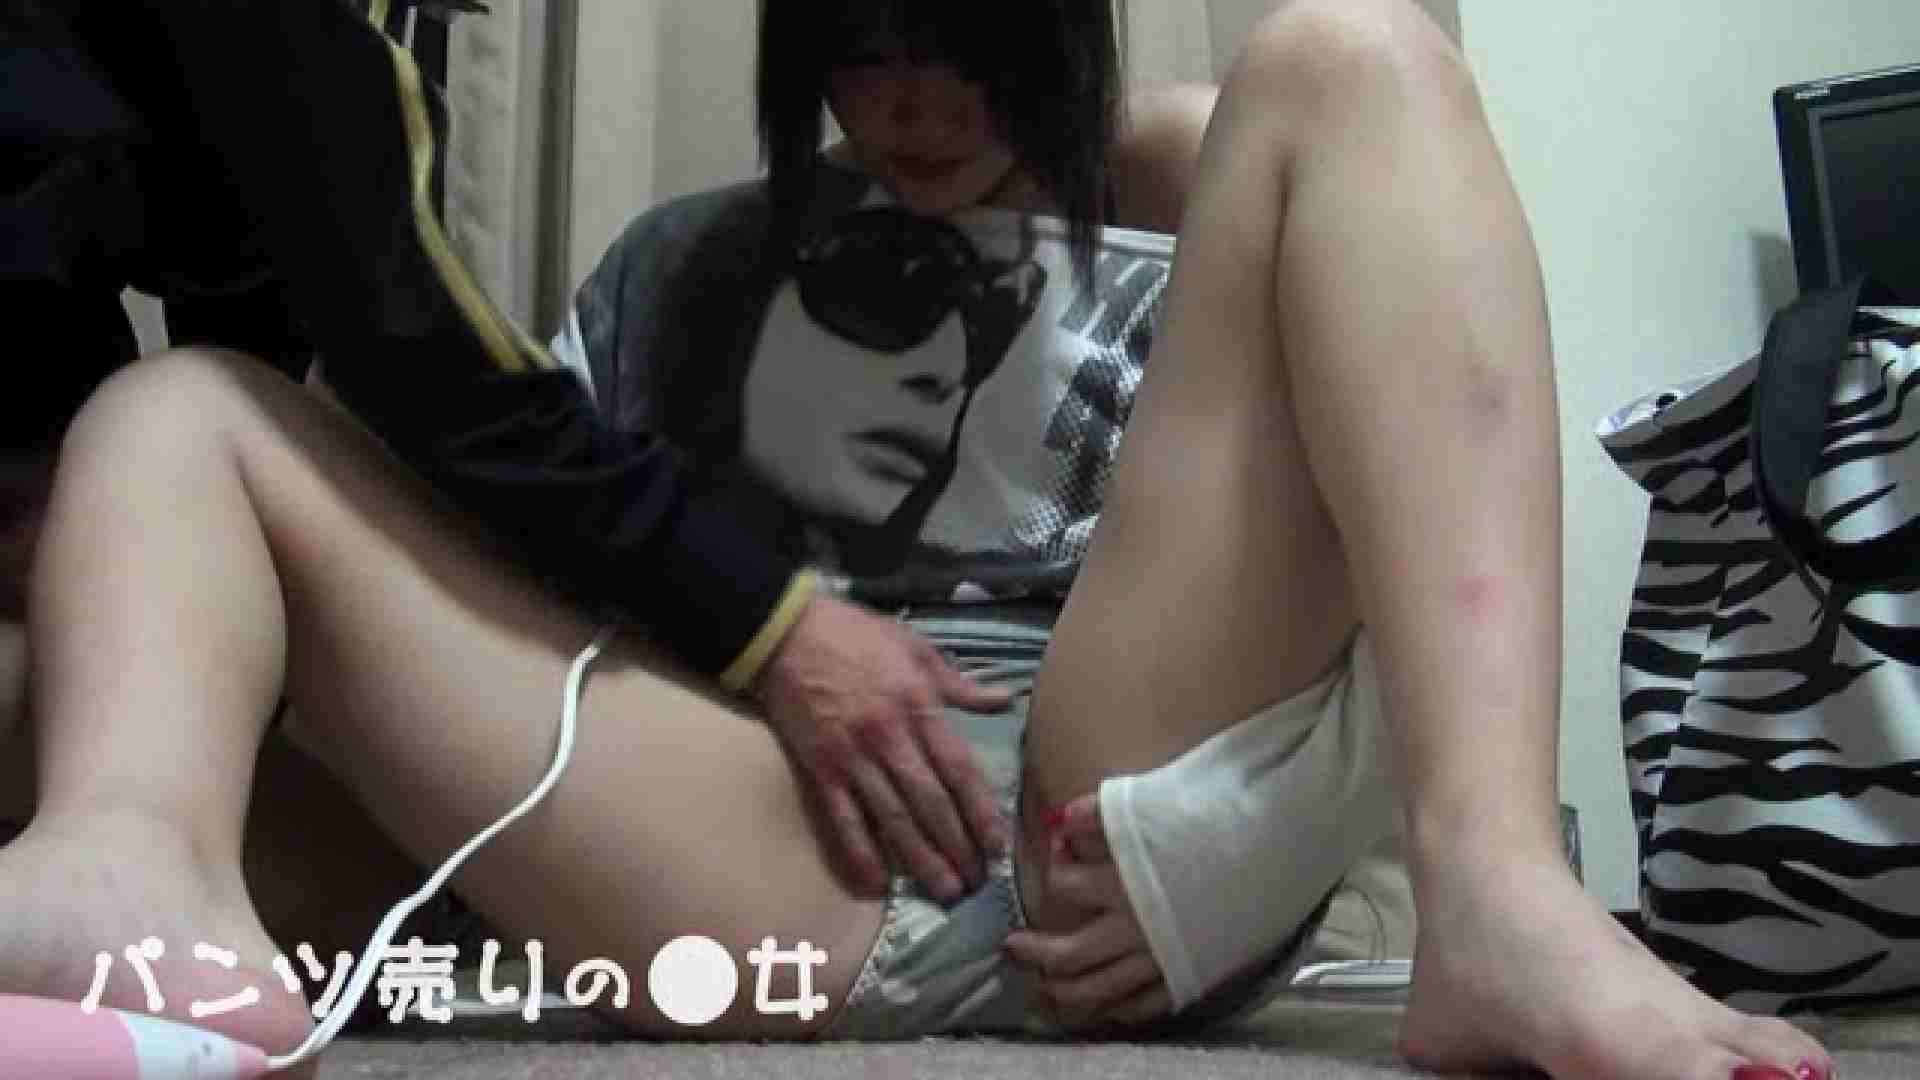 新説 パンツ売りの女の子mizuki02 盗撮 AV動画キャプチャ 89枚 62